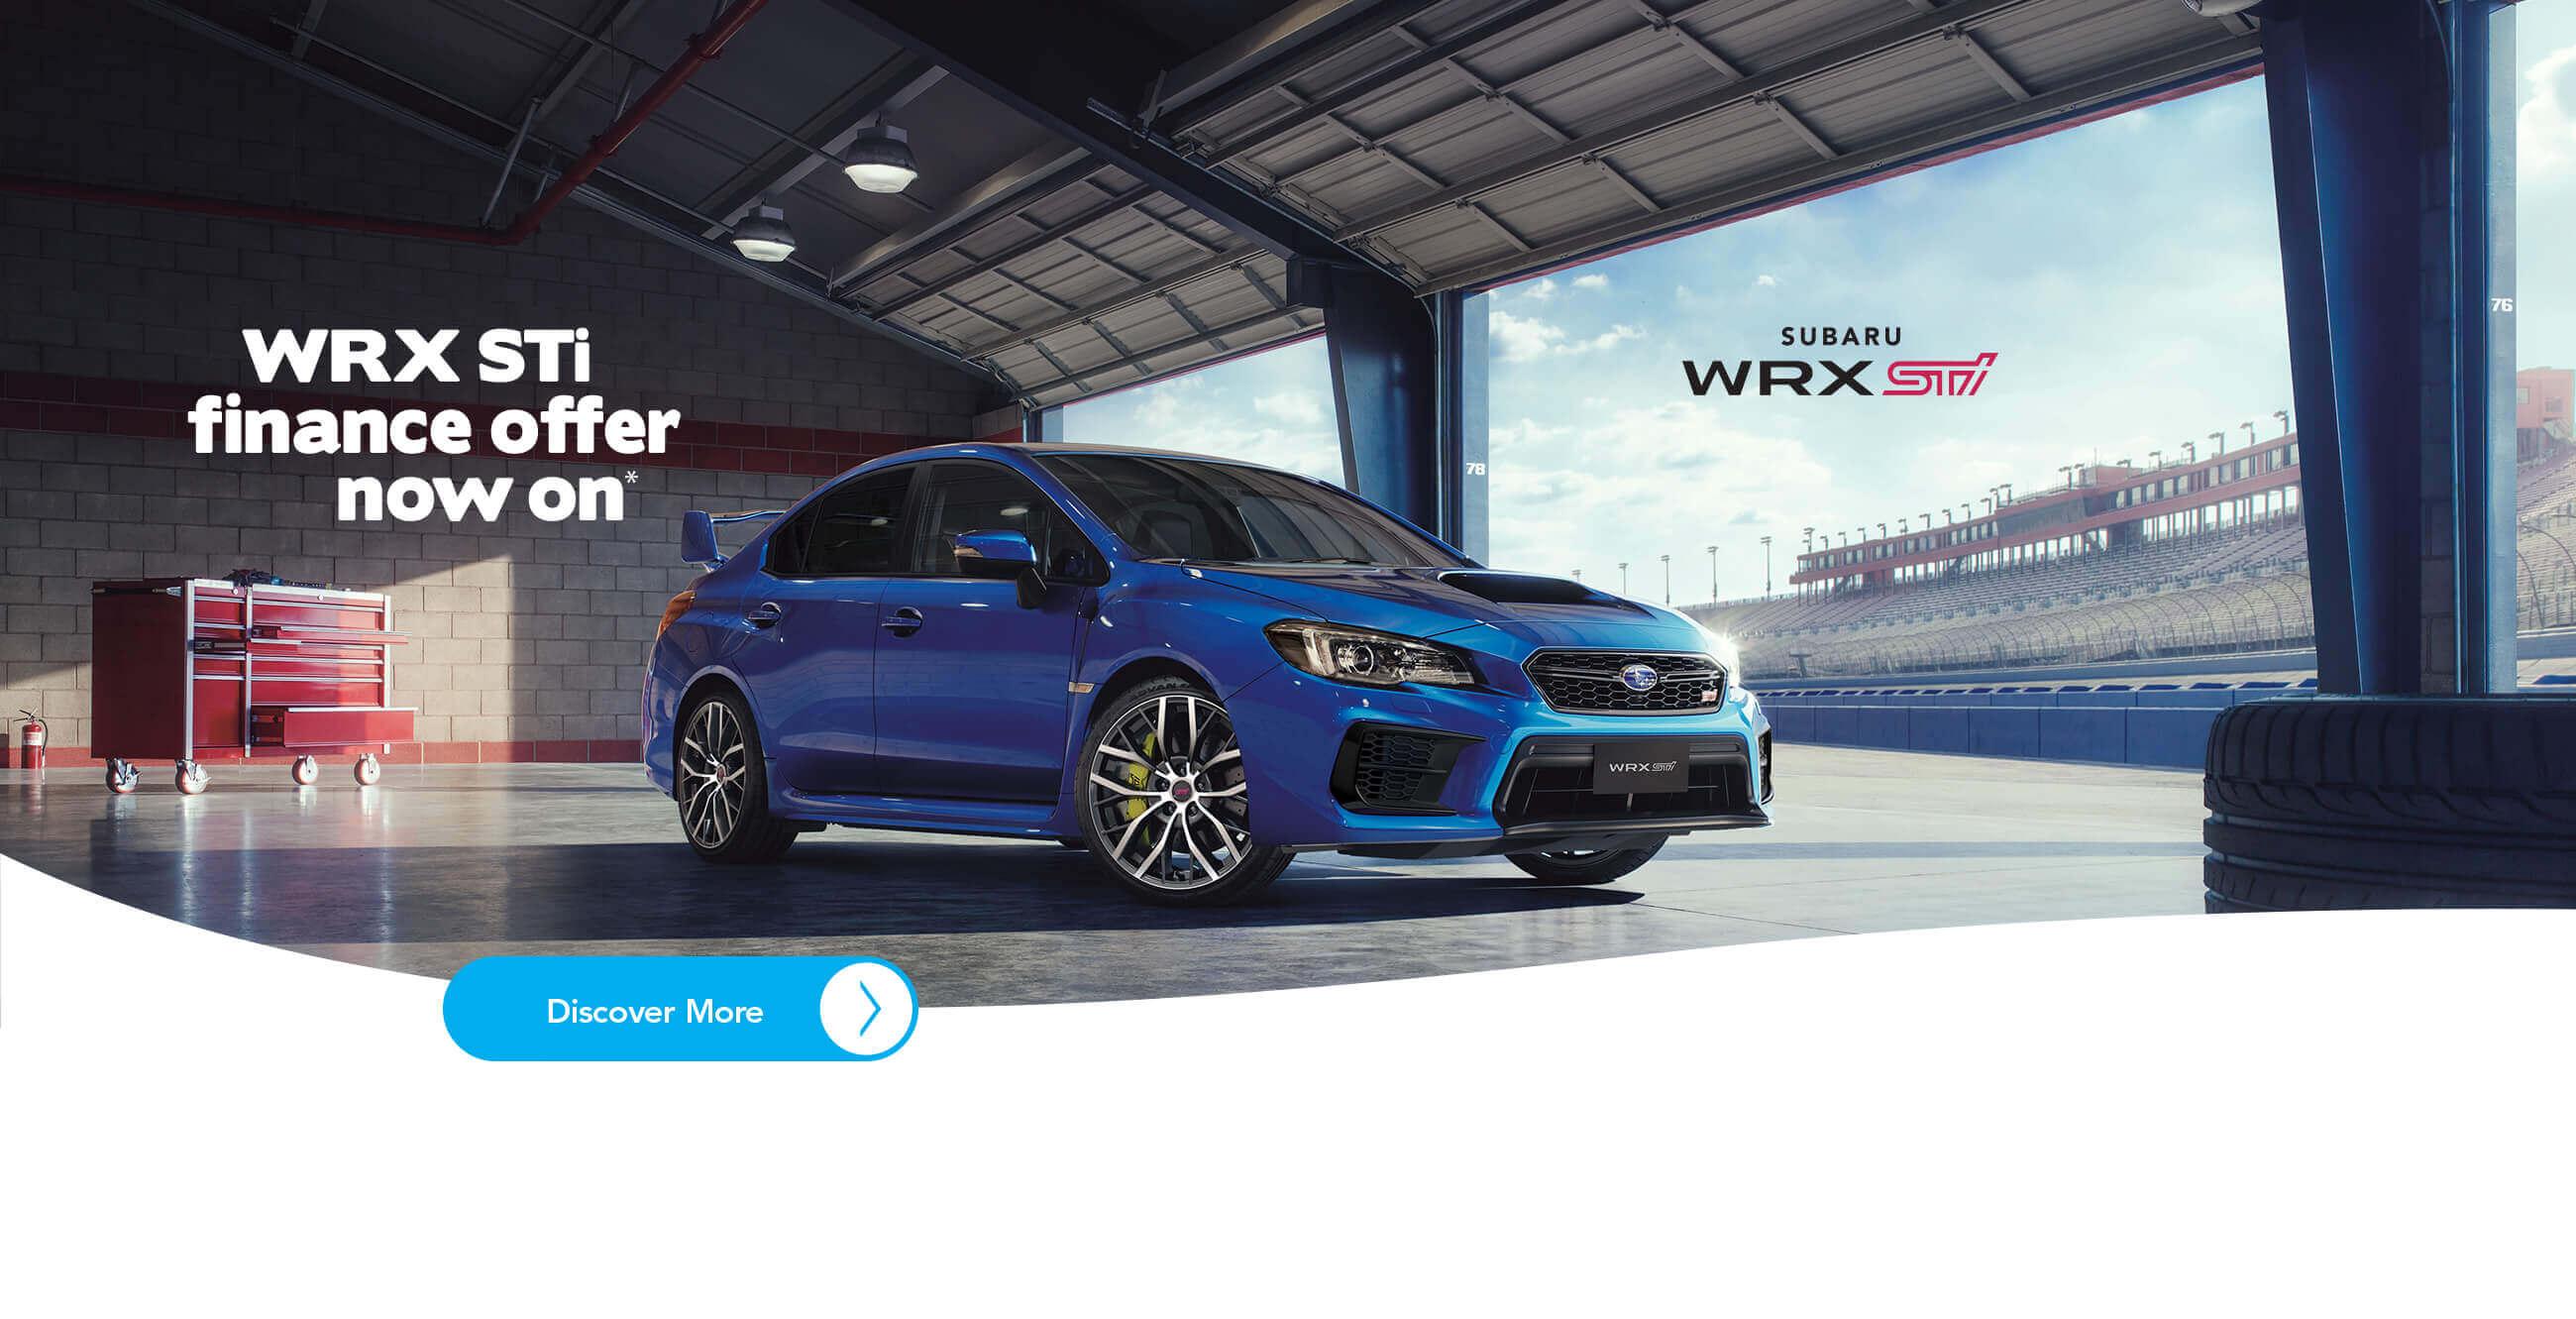 City Subaru - WRX STi